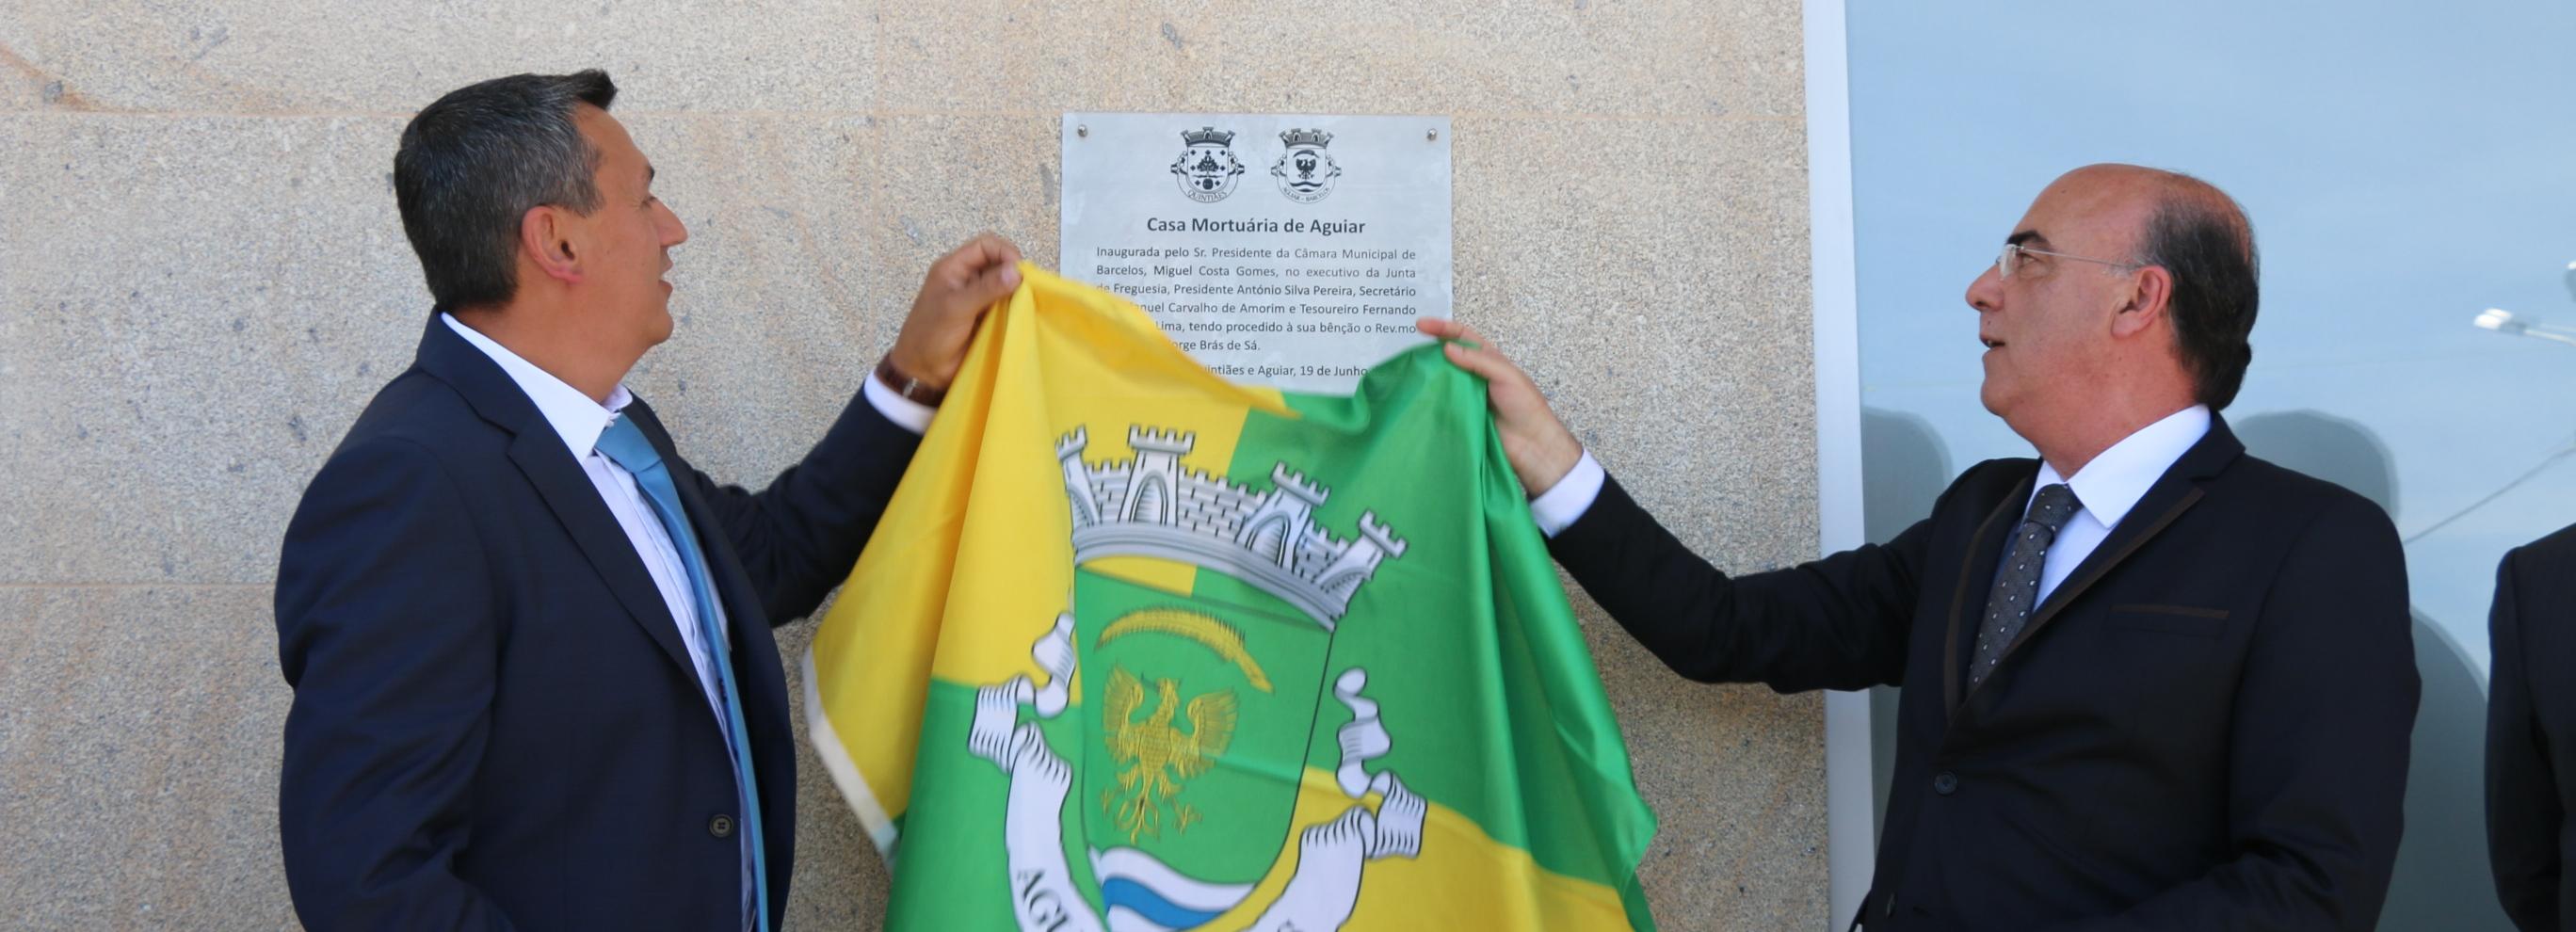 Presidente da Câmara inaugurou Casa Mortuária de Aguiar